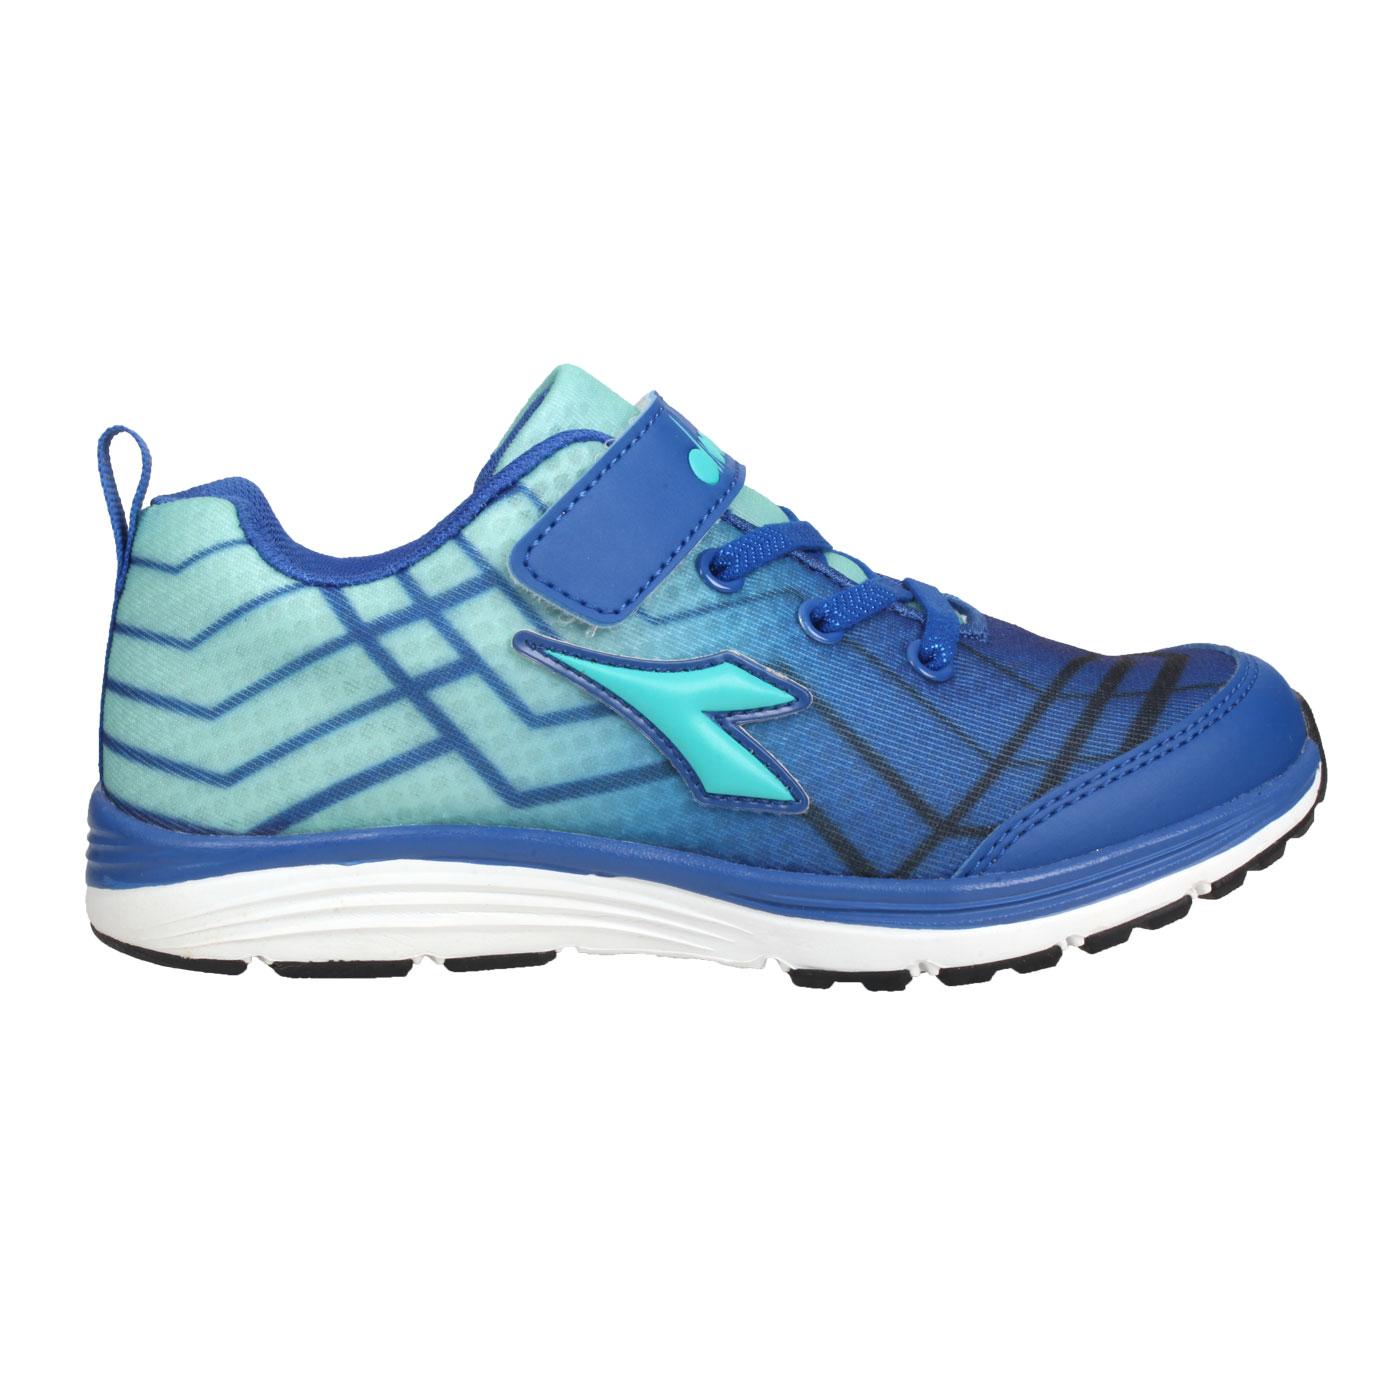 DIADORA 中童慢跑鞋-超寬楦 DA9AKR5796 - 藍湖水綠